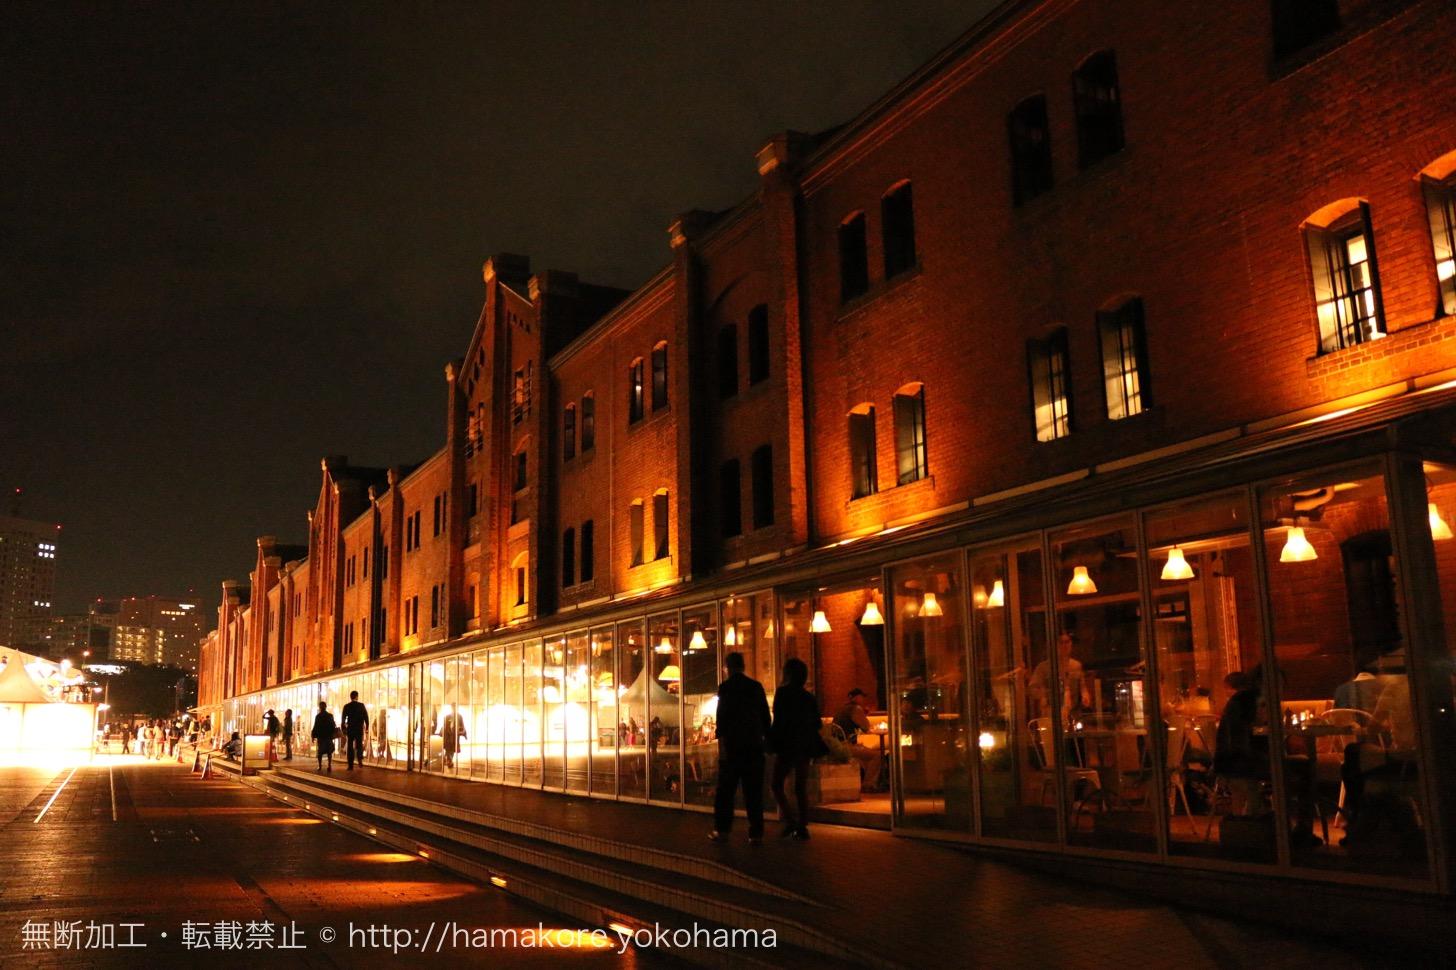 横浜赤レンガ倉庫までの目的別おすすめアクセスと最寄り駅